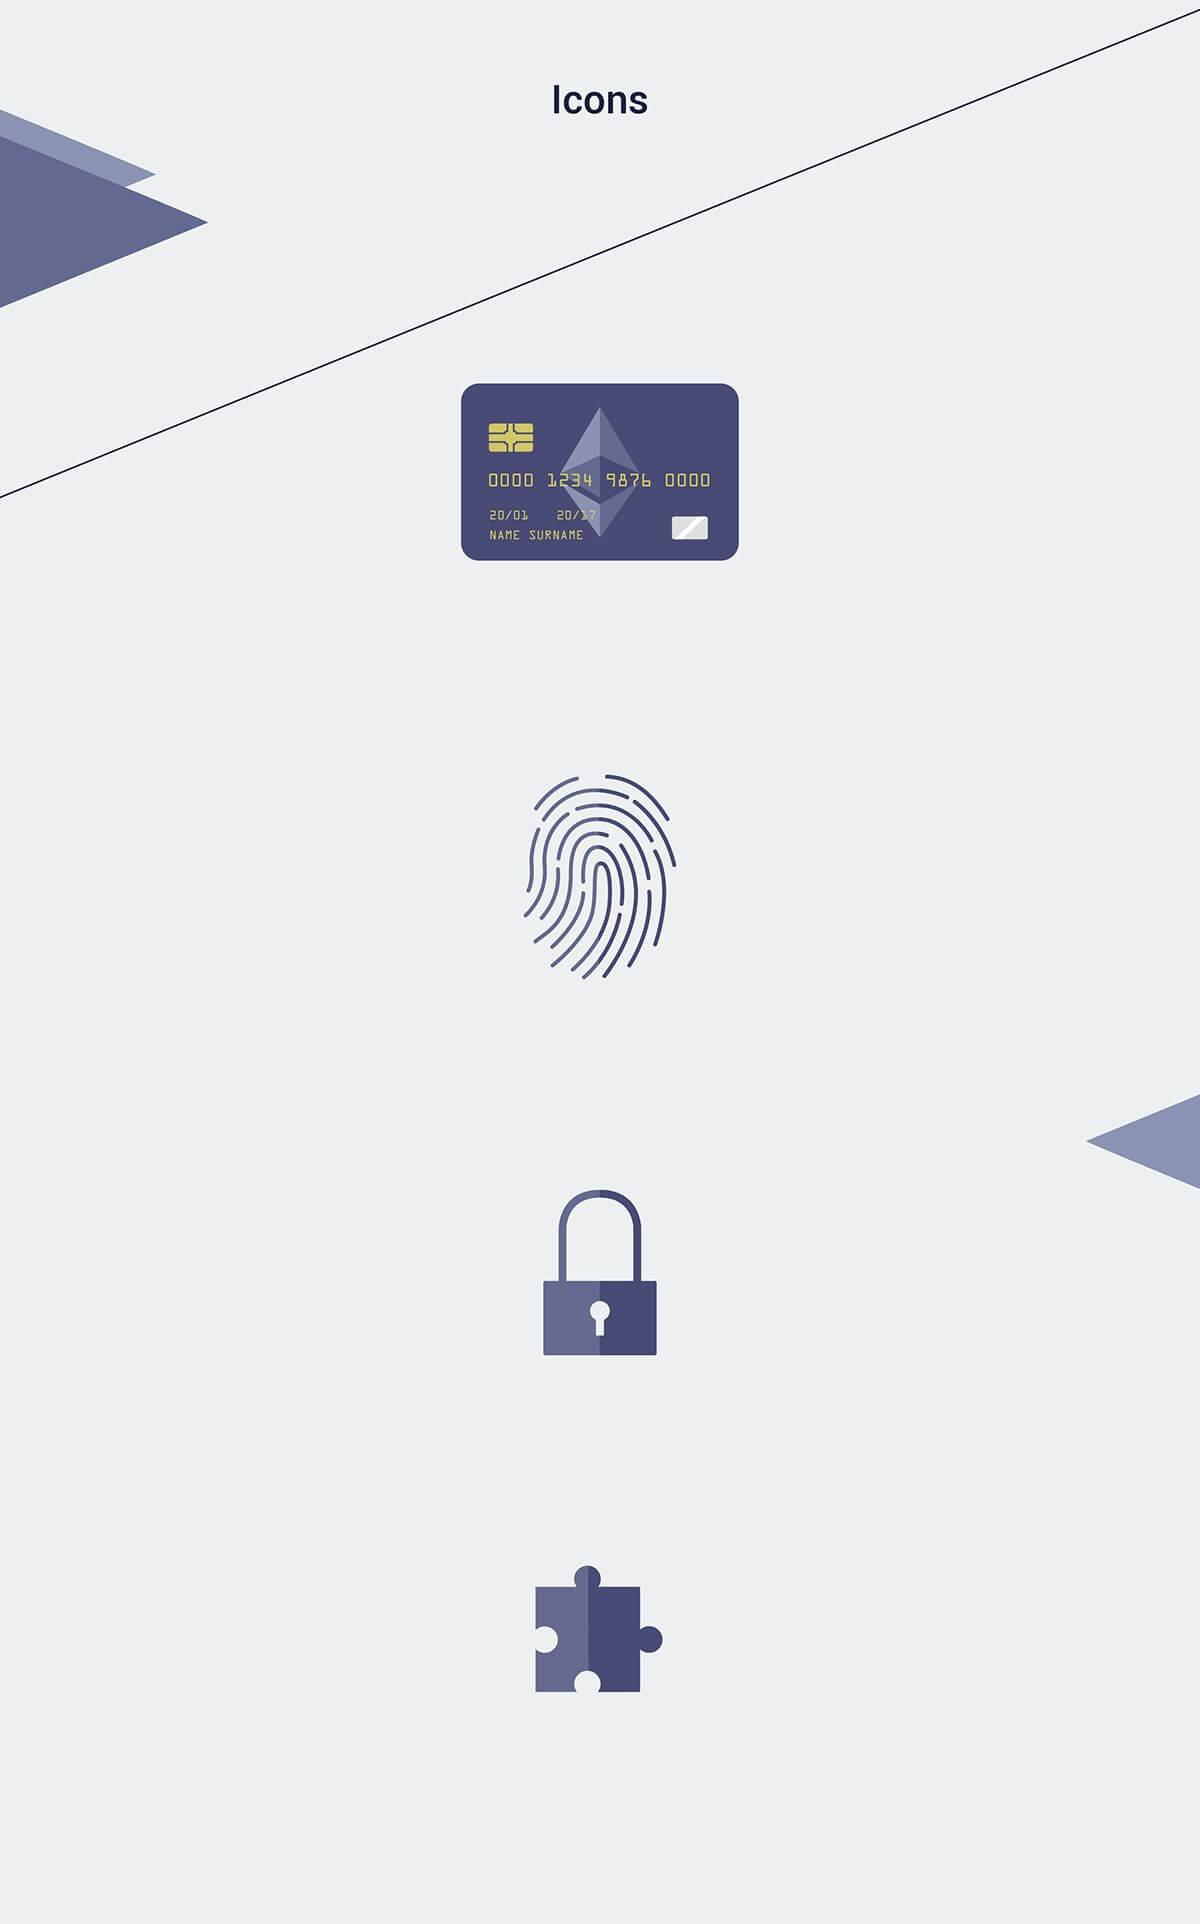 ethereum explainer content icons